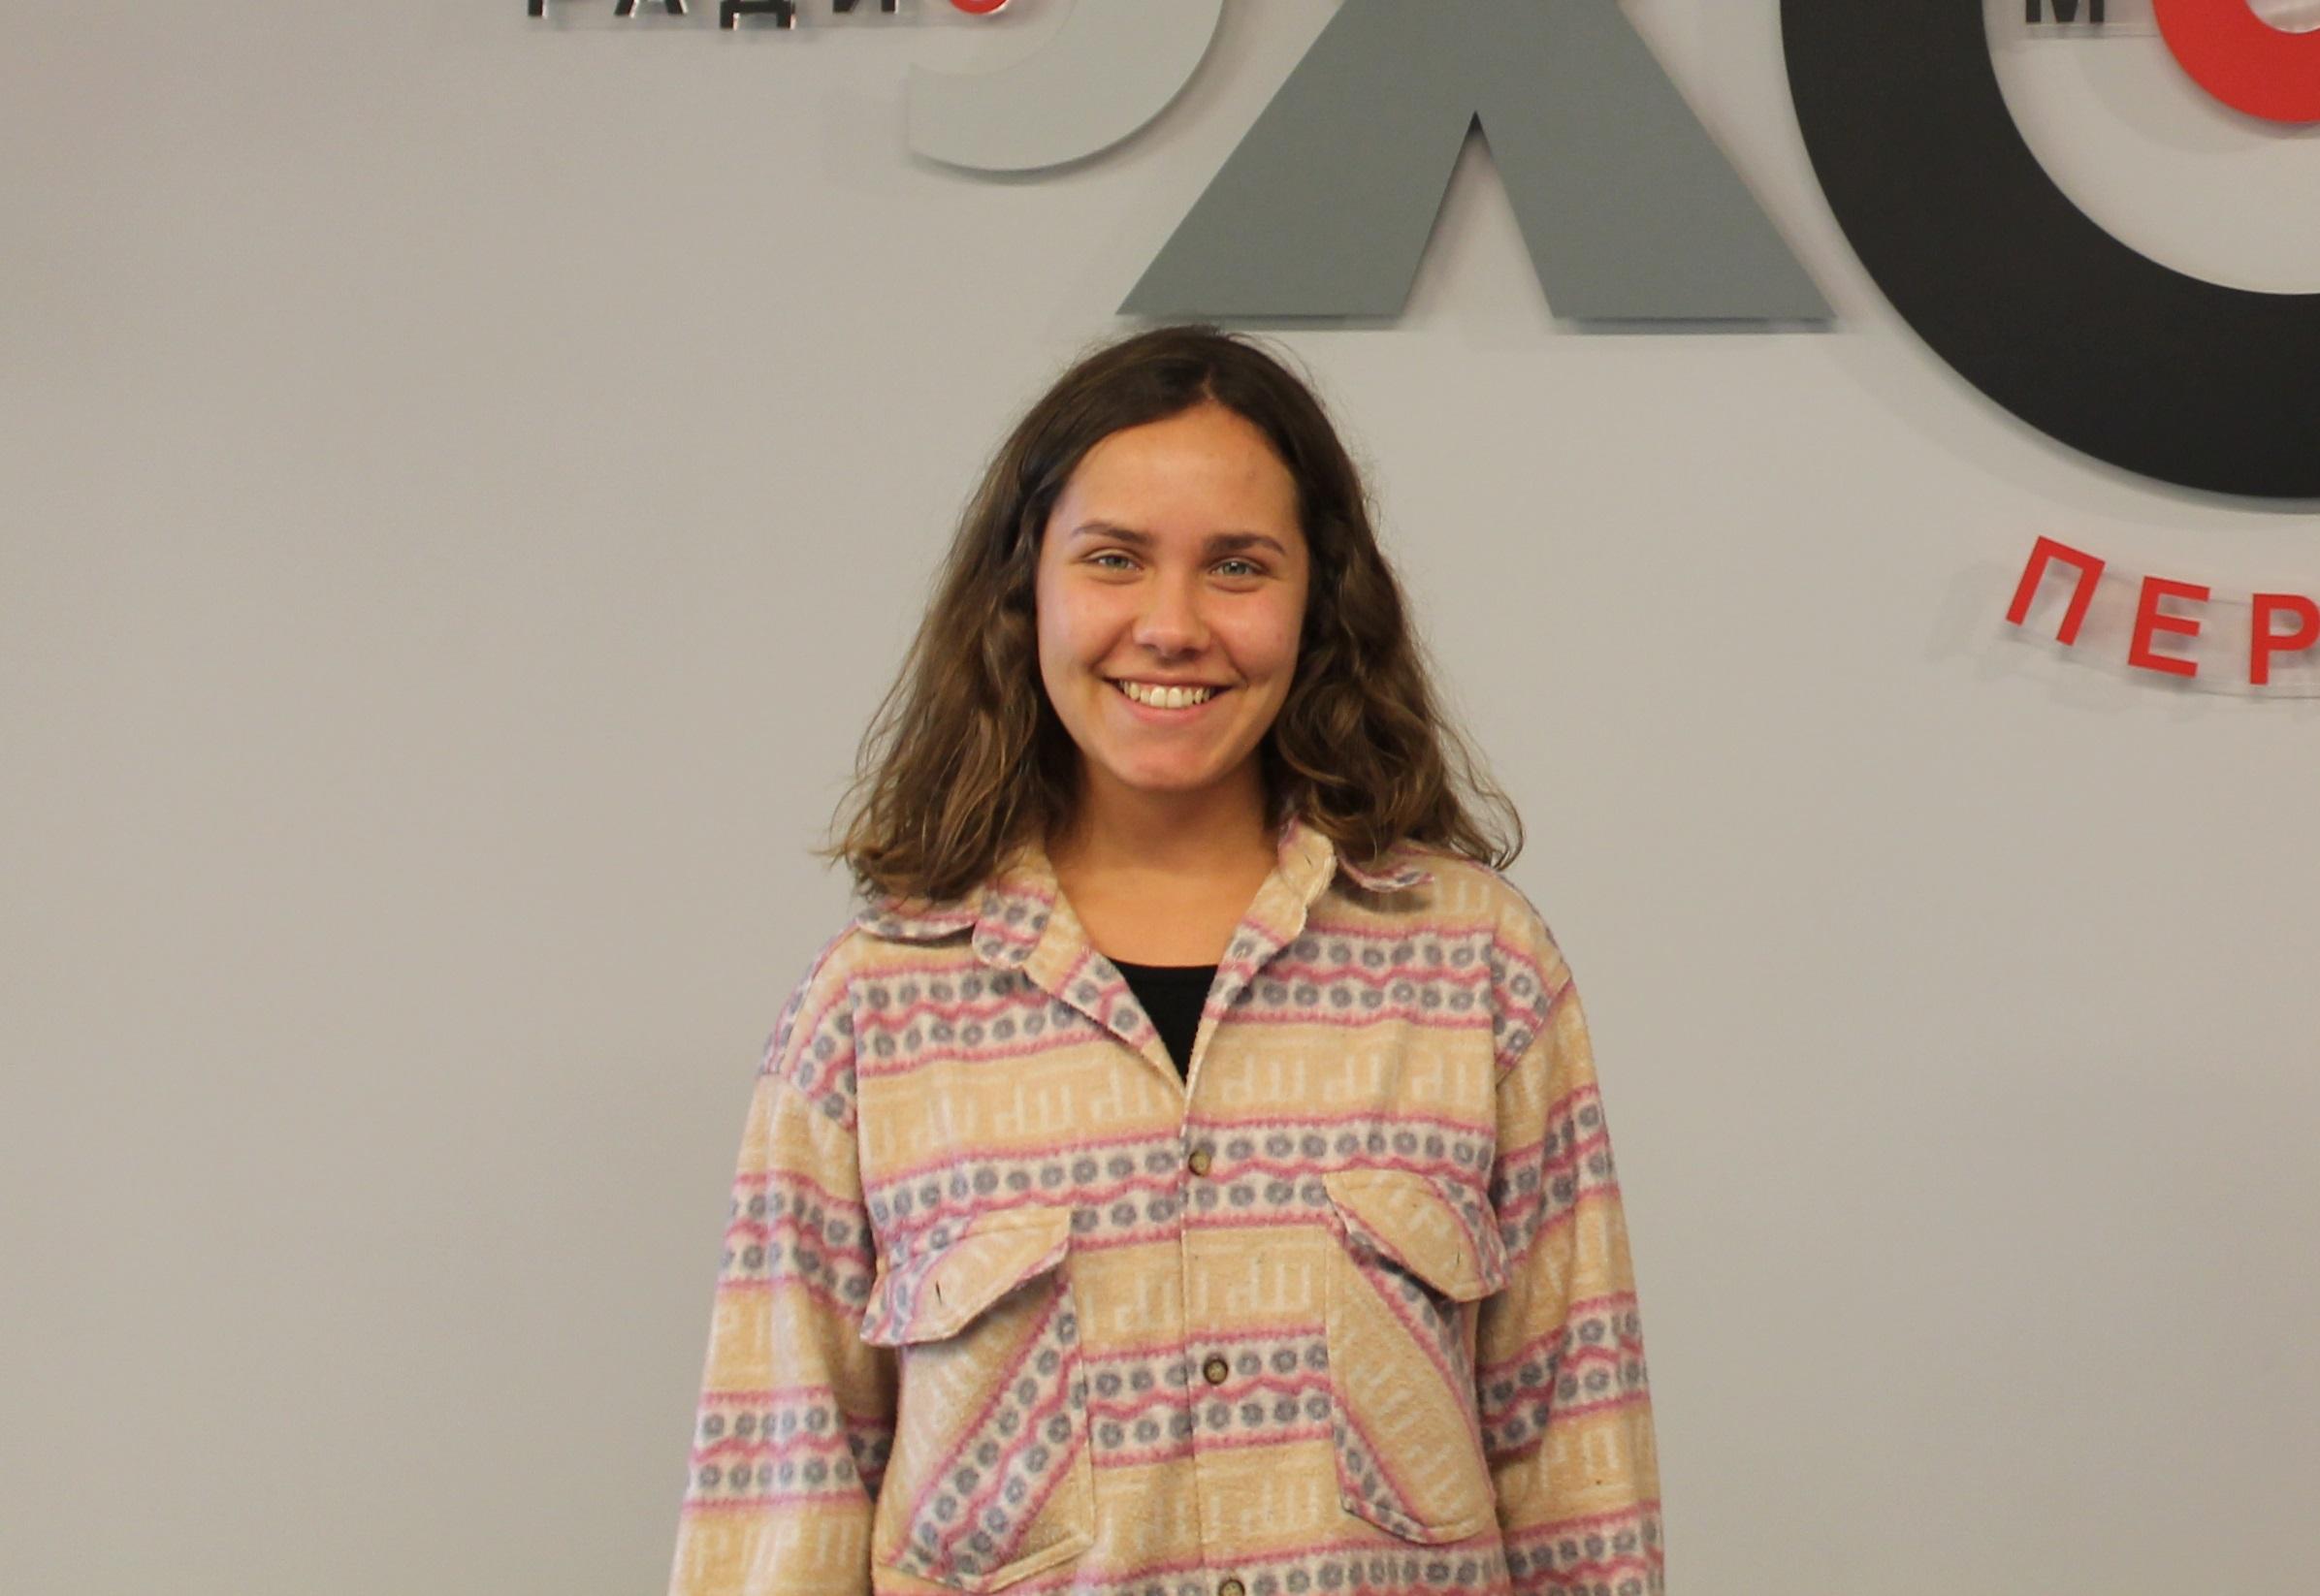 ... в эфире программа «Красный человечек», меня зовут Анна Букатова. В  гостях сегодня Елена Рэмбо, пермская художница. Лена, здравствуй! 8ff7429495f